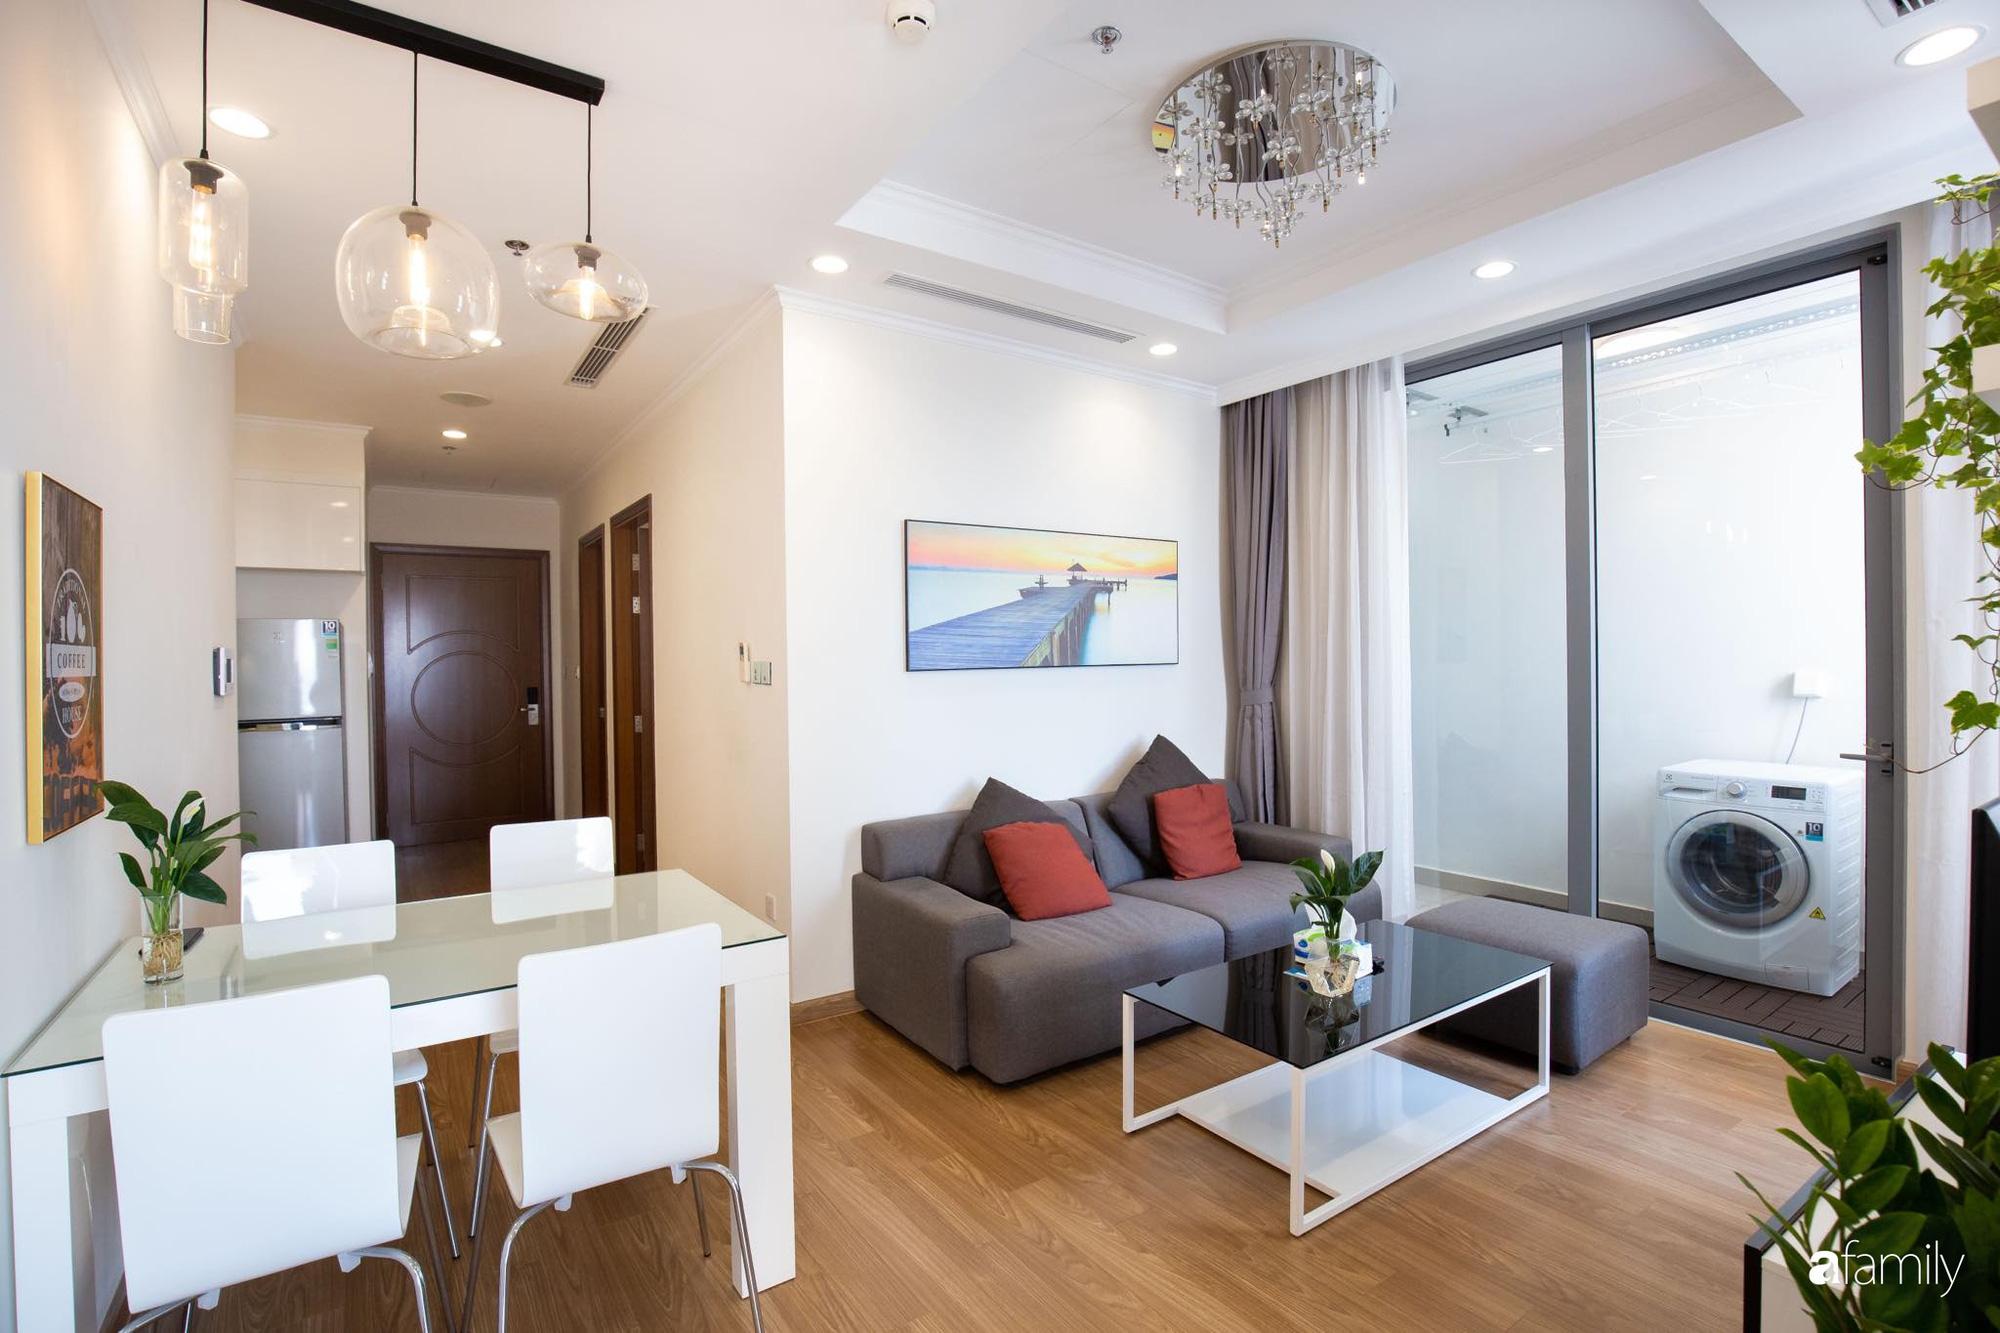 Căn hộ 64m2 trên tầng cao đẹp lôi cuốn nhờ view ngắm hoàng hôn ở Hà Nội - Ảnh 2.